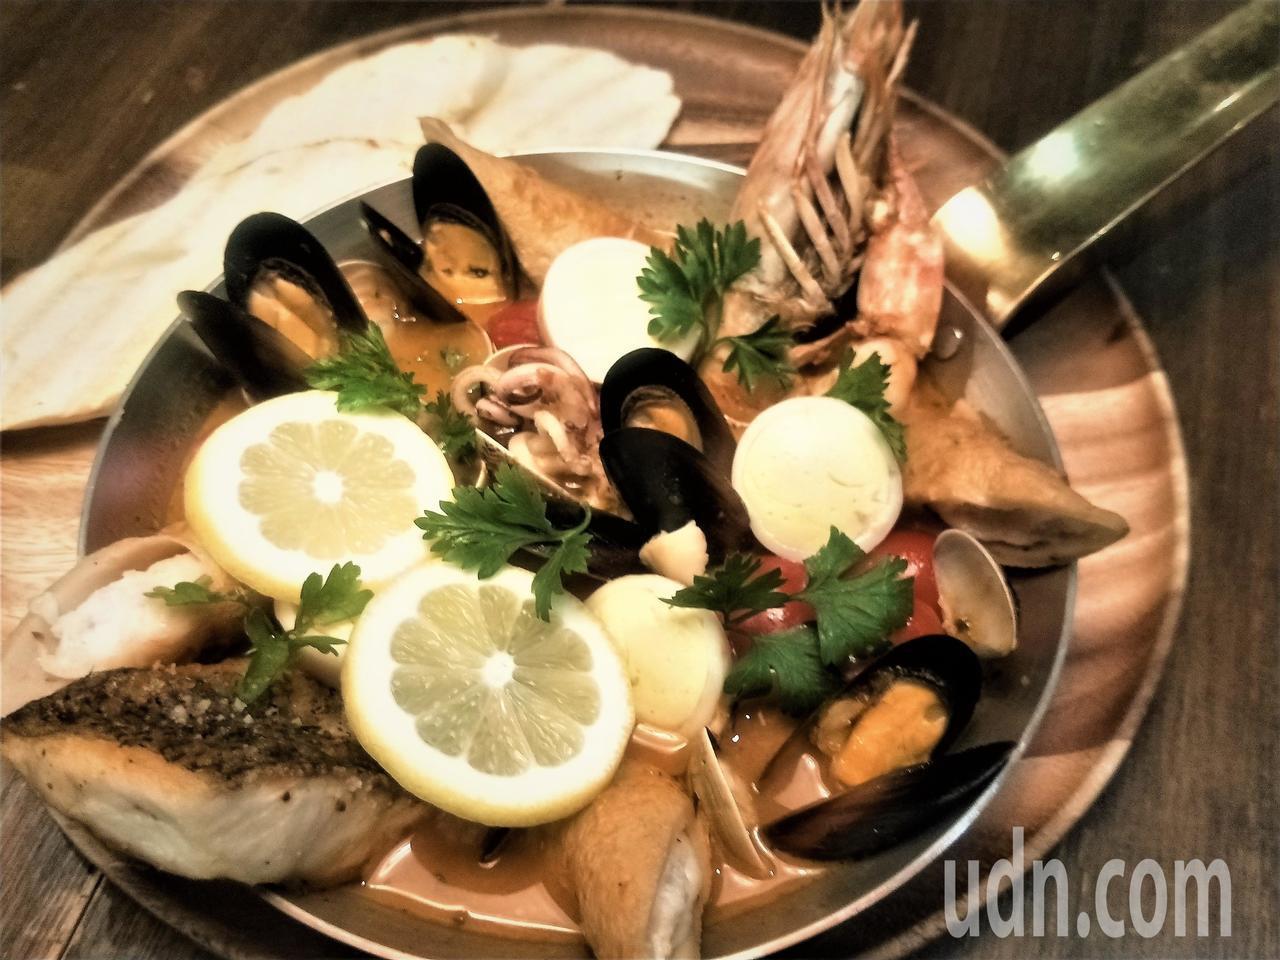 拿到冠軍的漁夫鍋有基隆野生明蝦、特製基隆小卷鑲蛋腸,以及花枝魚漿做為吉古拉的填餡...